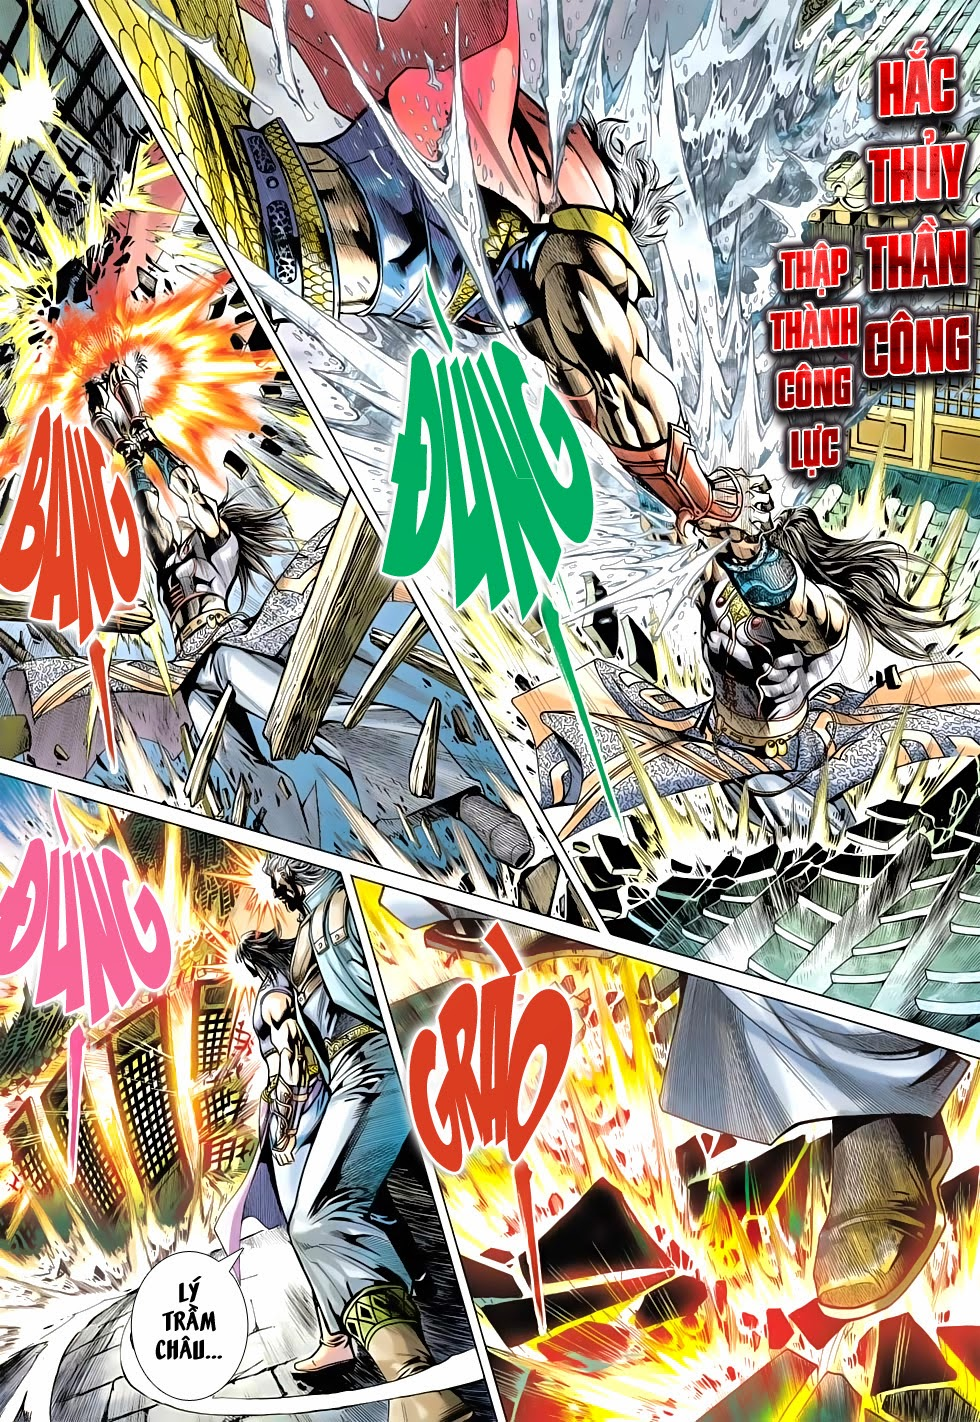 Thần Châu Kỳ Hiệp chap 32 – End Trang 6 - Mangak.info